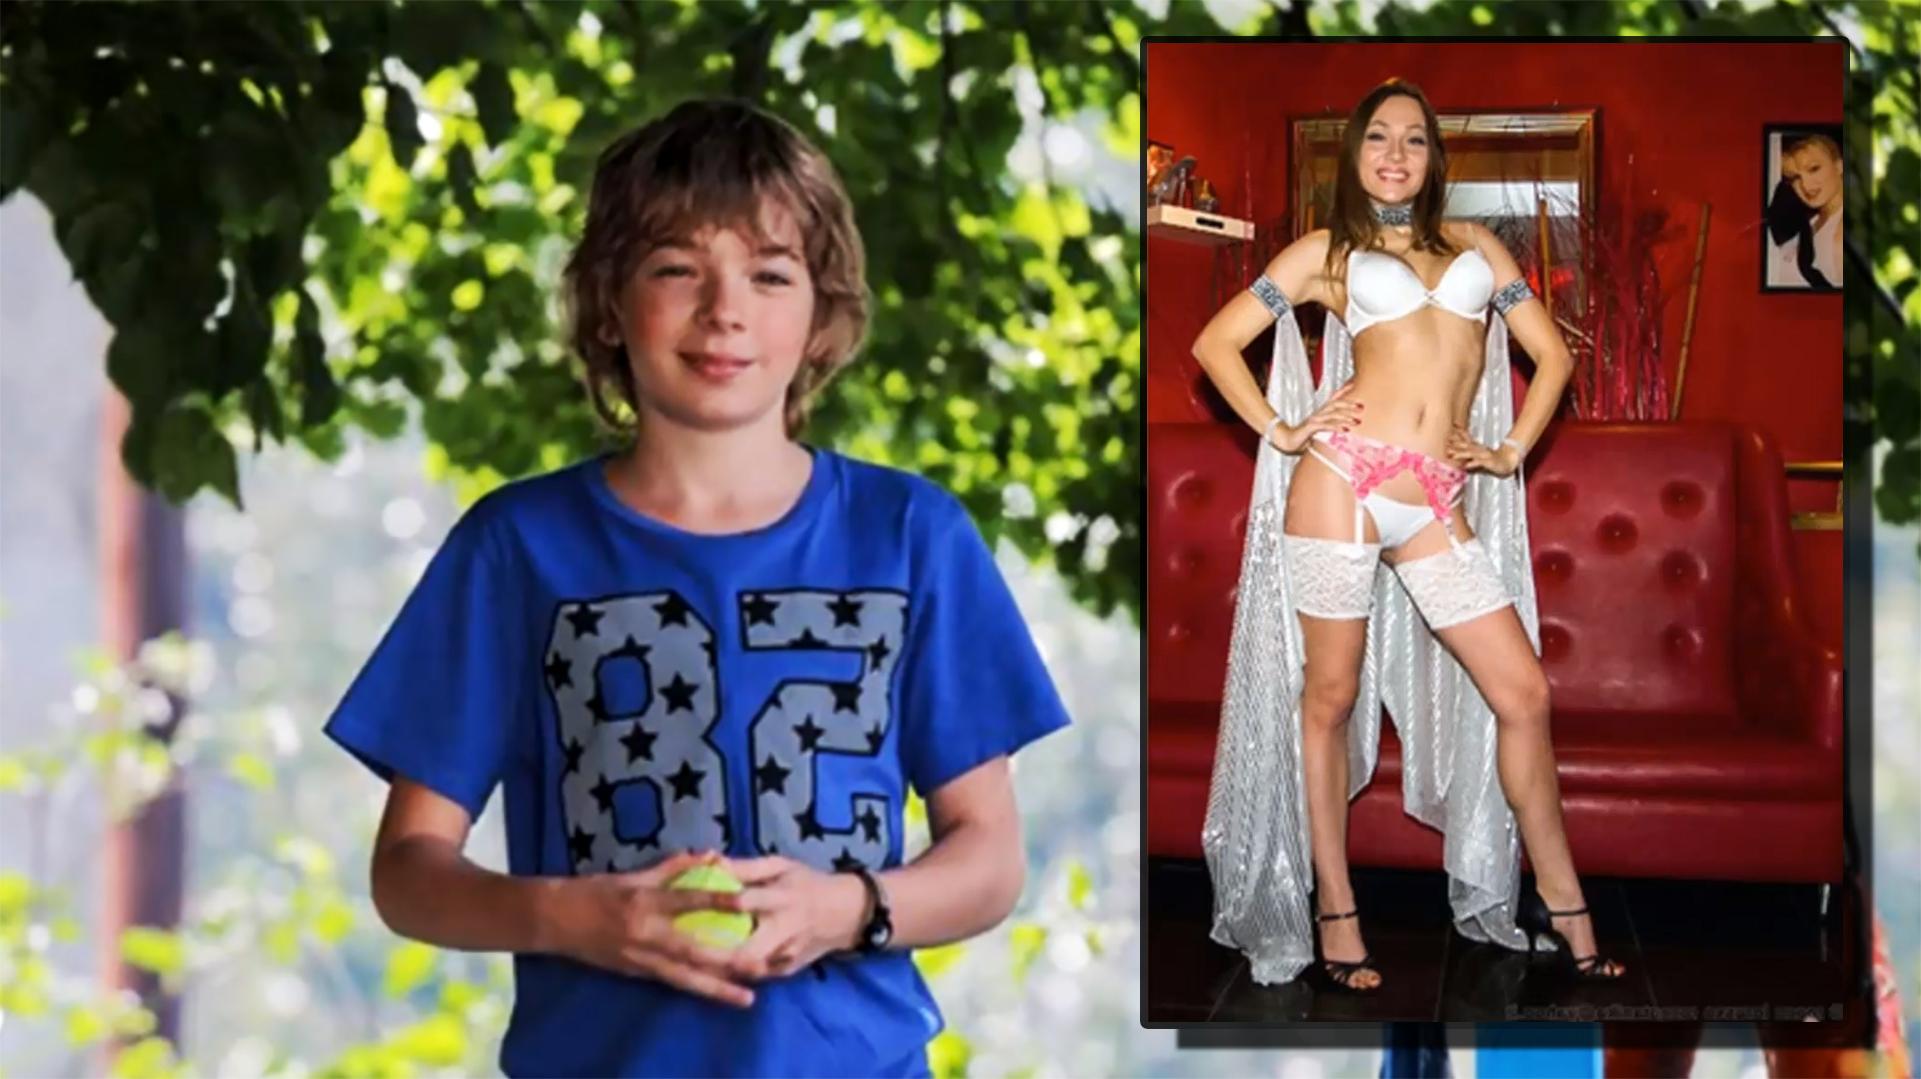 Chico de 16 años se gana estadía de un mes en un hotel